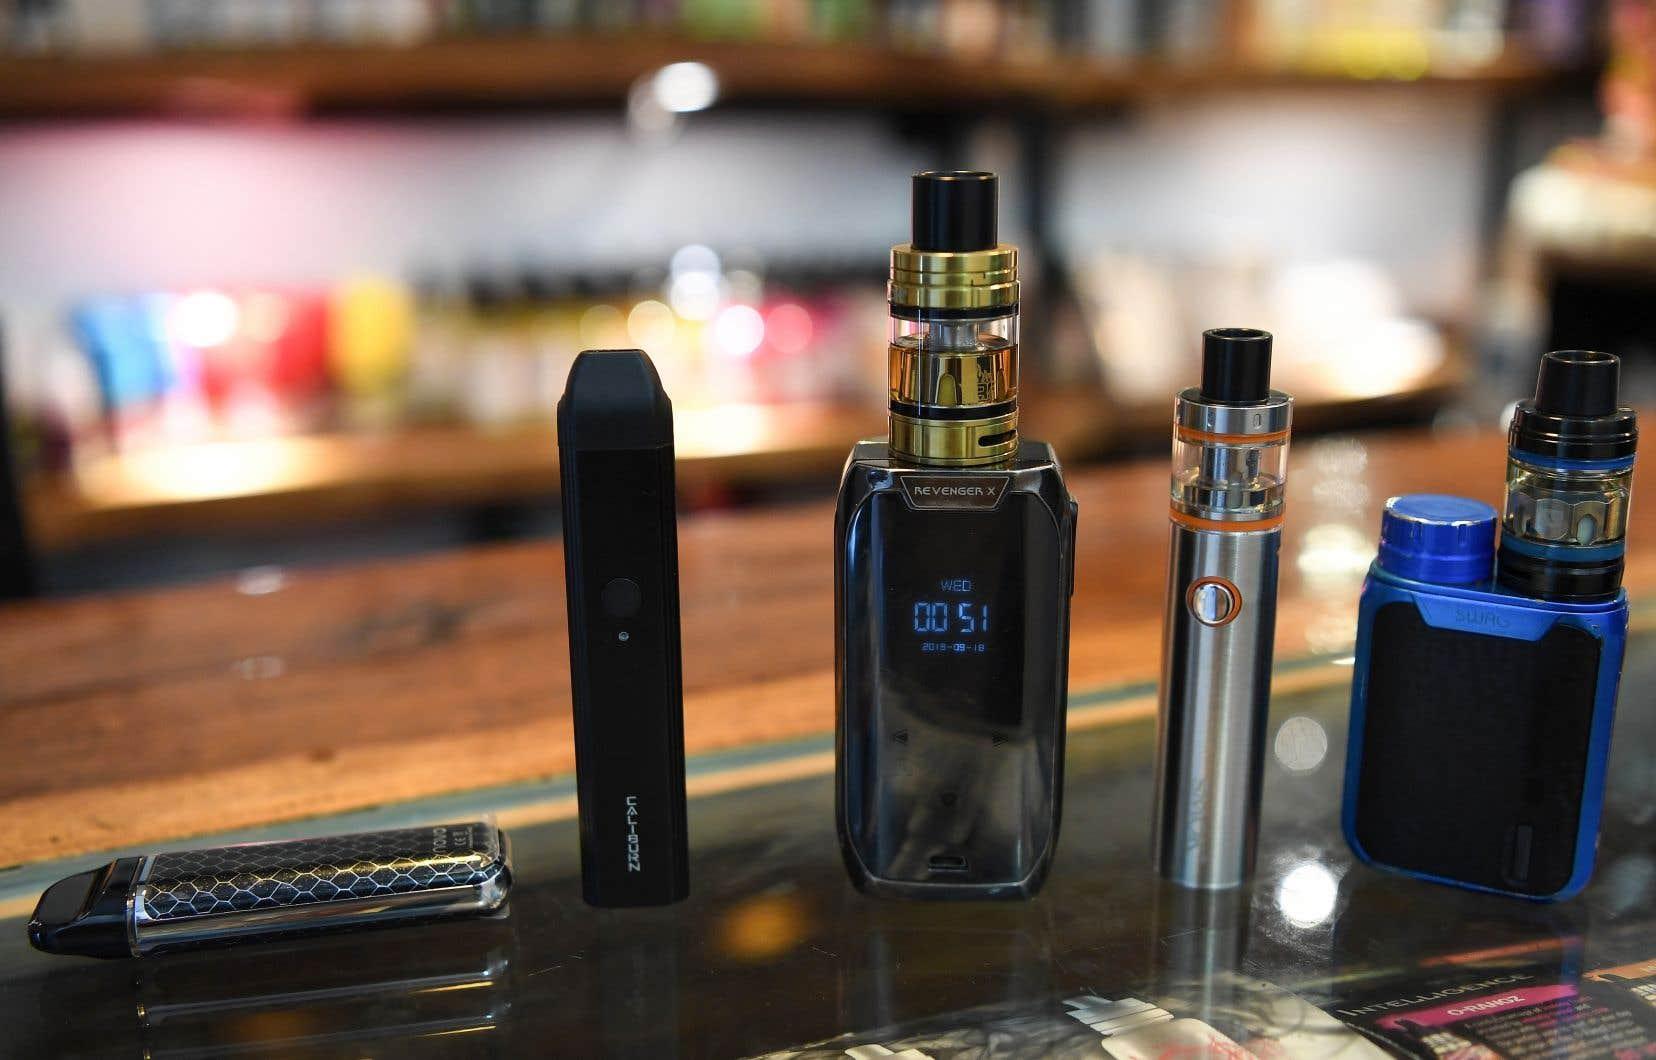 Les cigarettes électroniques serotn désormais interdites dans le pays de 1,3 milliard d'habitants.